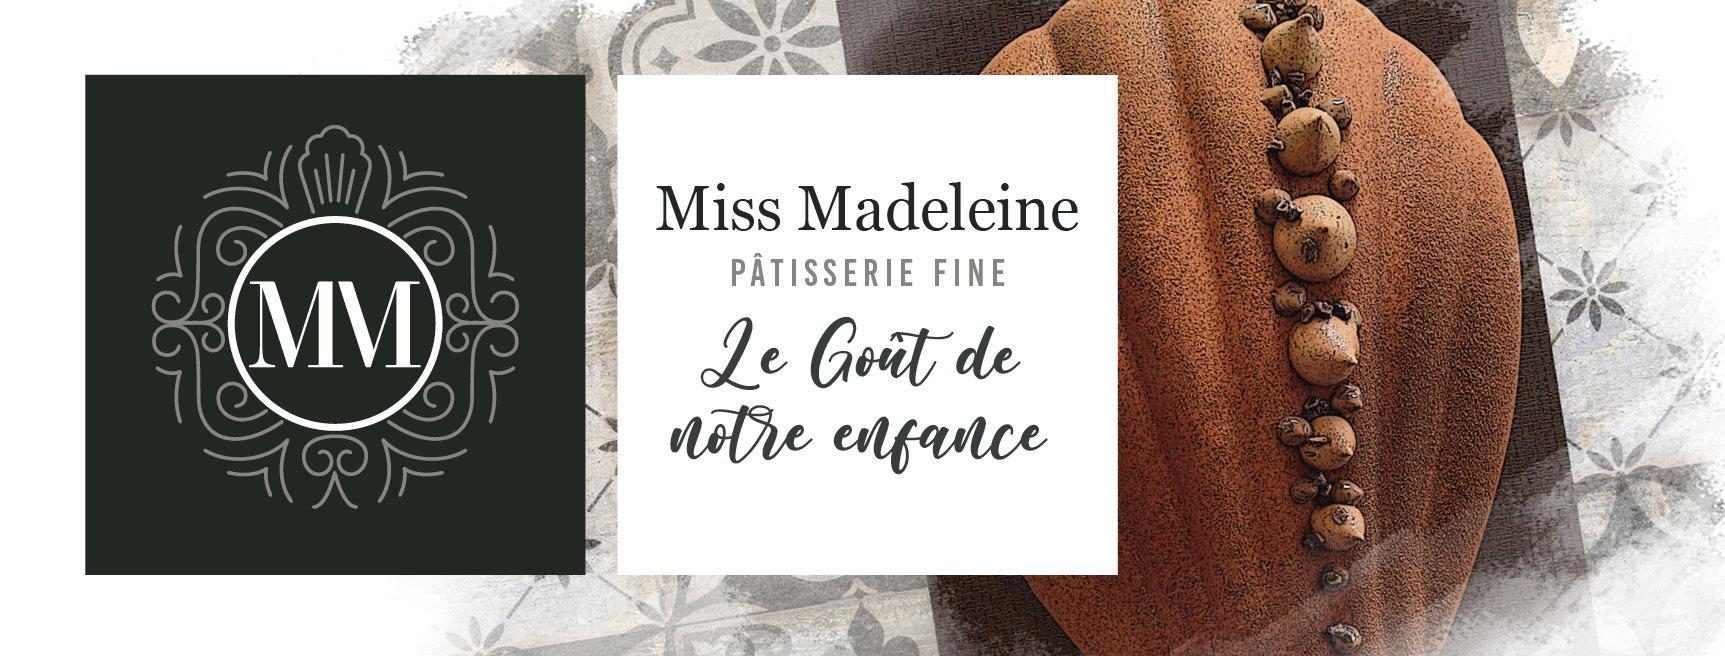 Miss Madeleine Lyon